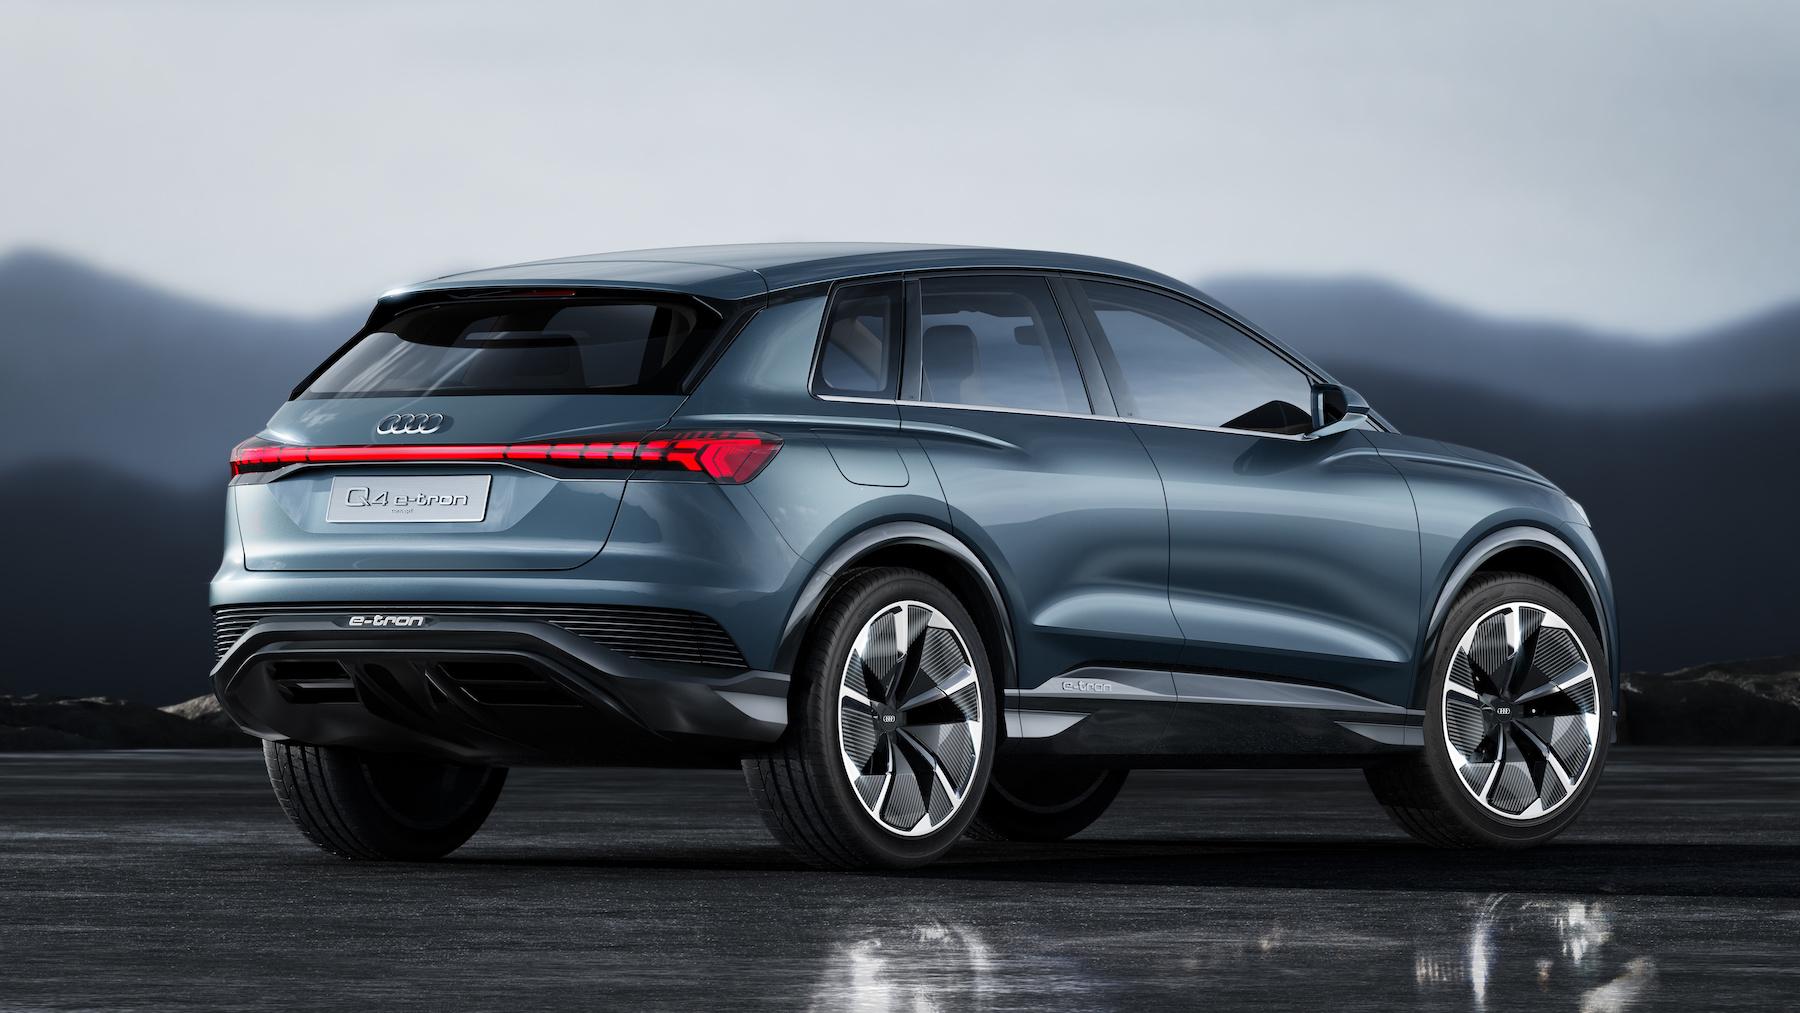 L'Audi Q4 e-tron concept est la cinquième Audi 100% électrique que la marque commercialisera d'ici fin 2020. (AUDI)